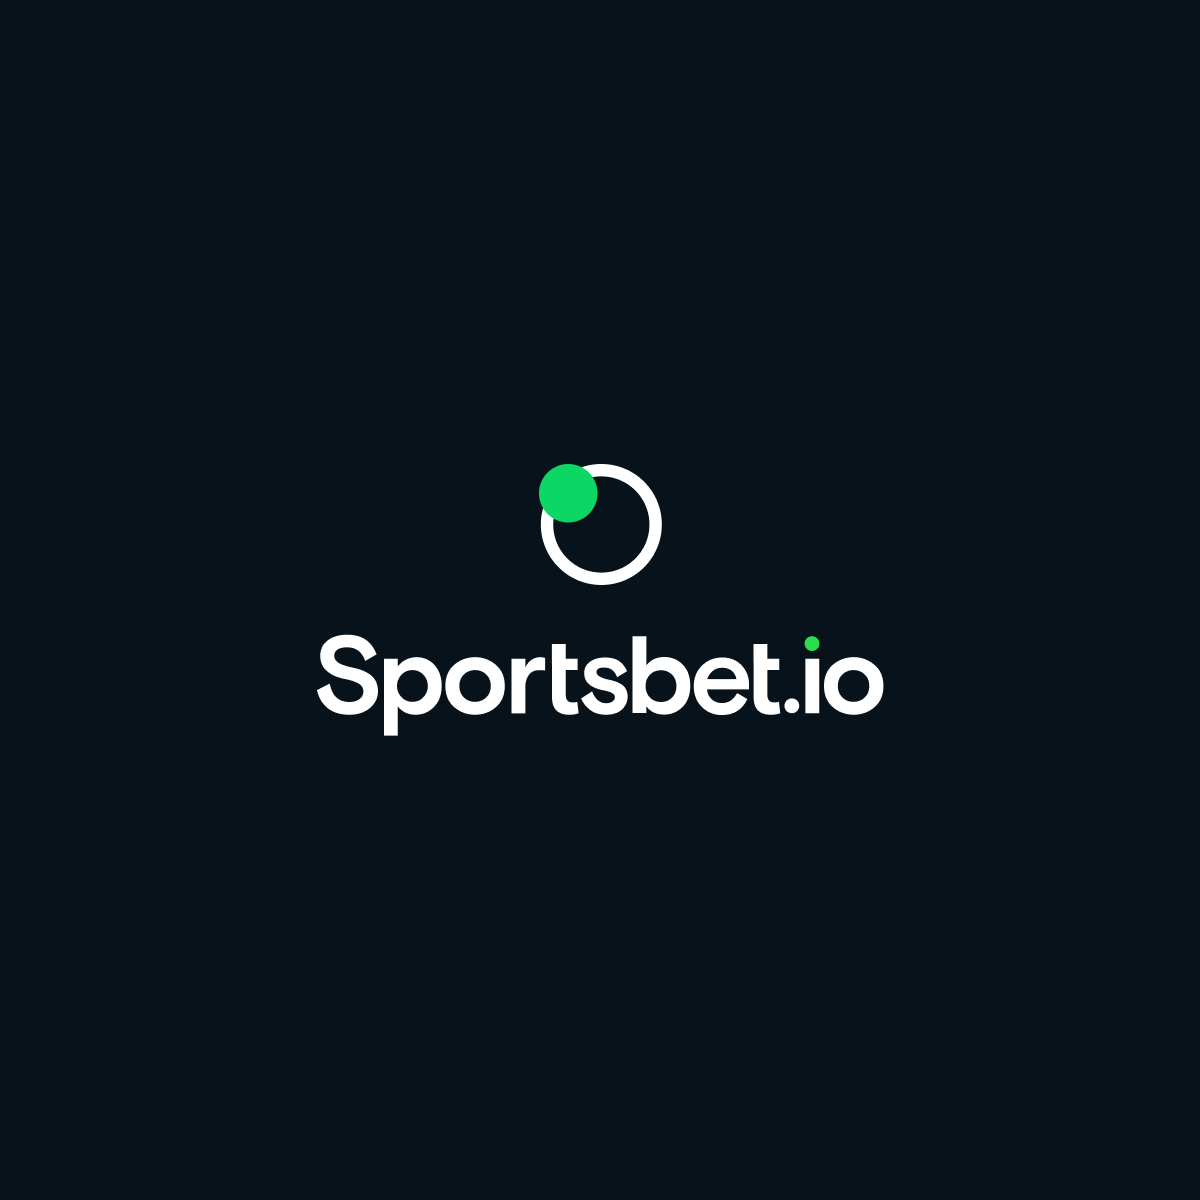 Sportsbet IO image